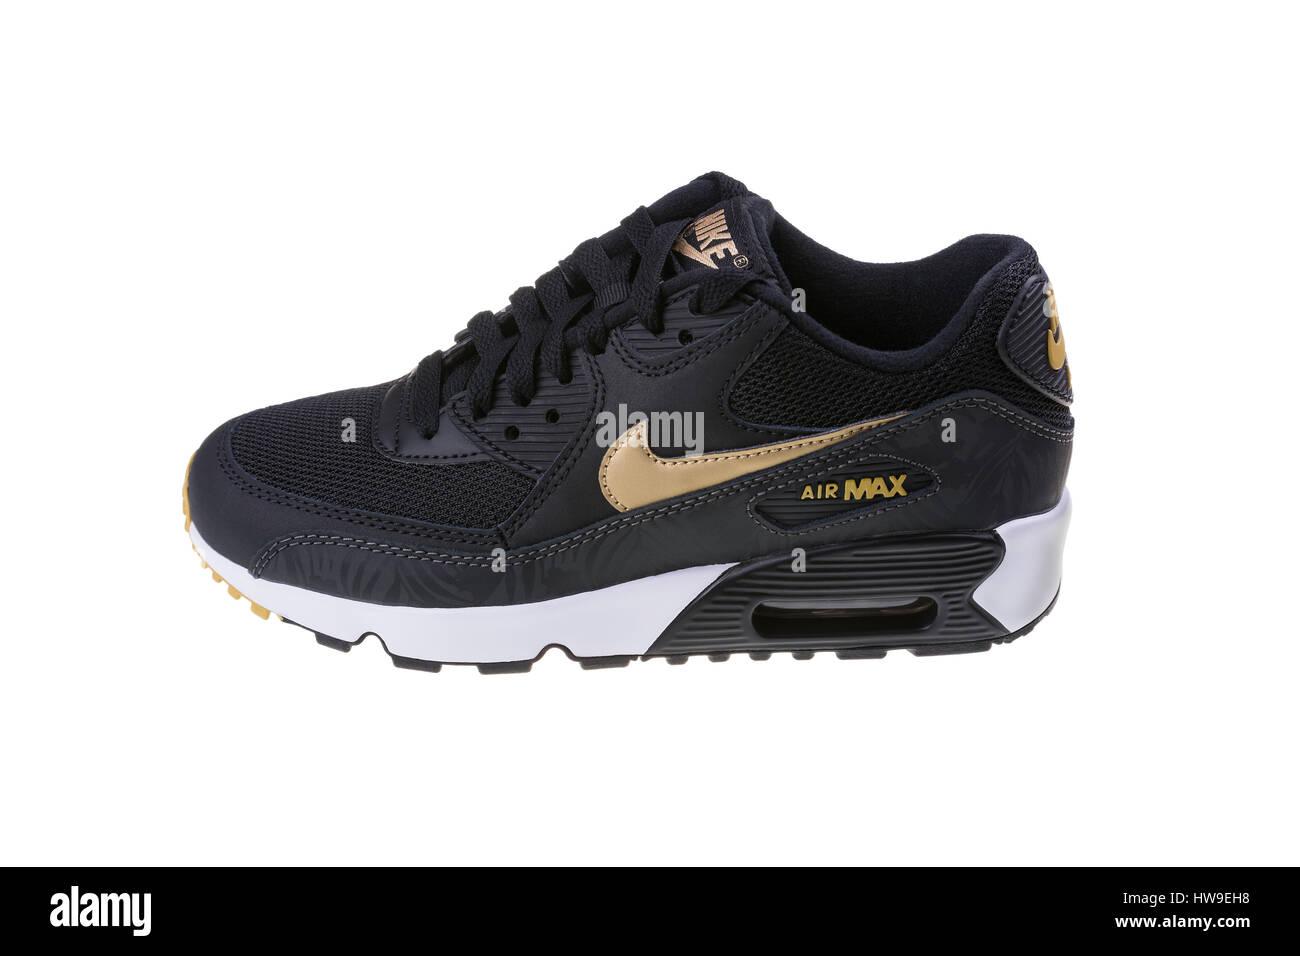 half off 7875d bbb40 Dezember 2016 Nike Air MAX Schuhe - Sneaker in schwarz, isoliert auf  weißem Hintergrund. Nike ist eine globale Sportkleidung ein